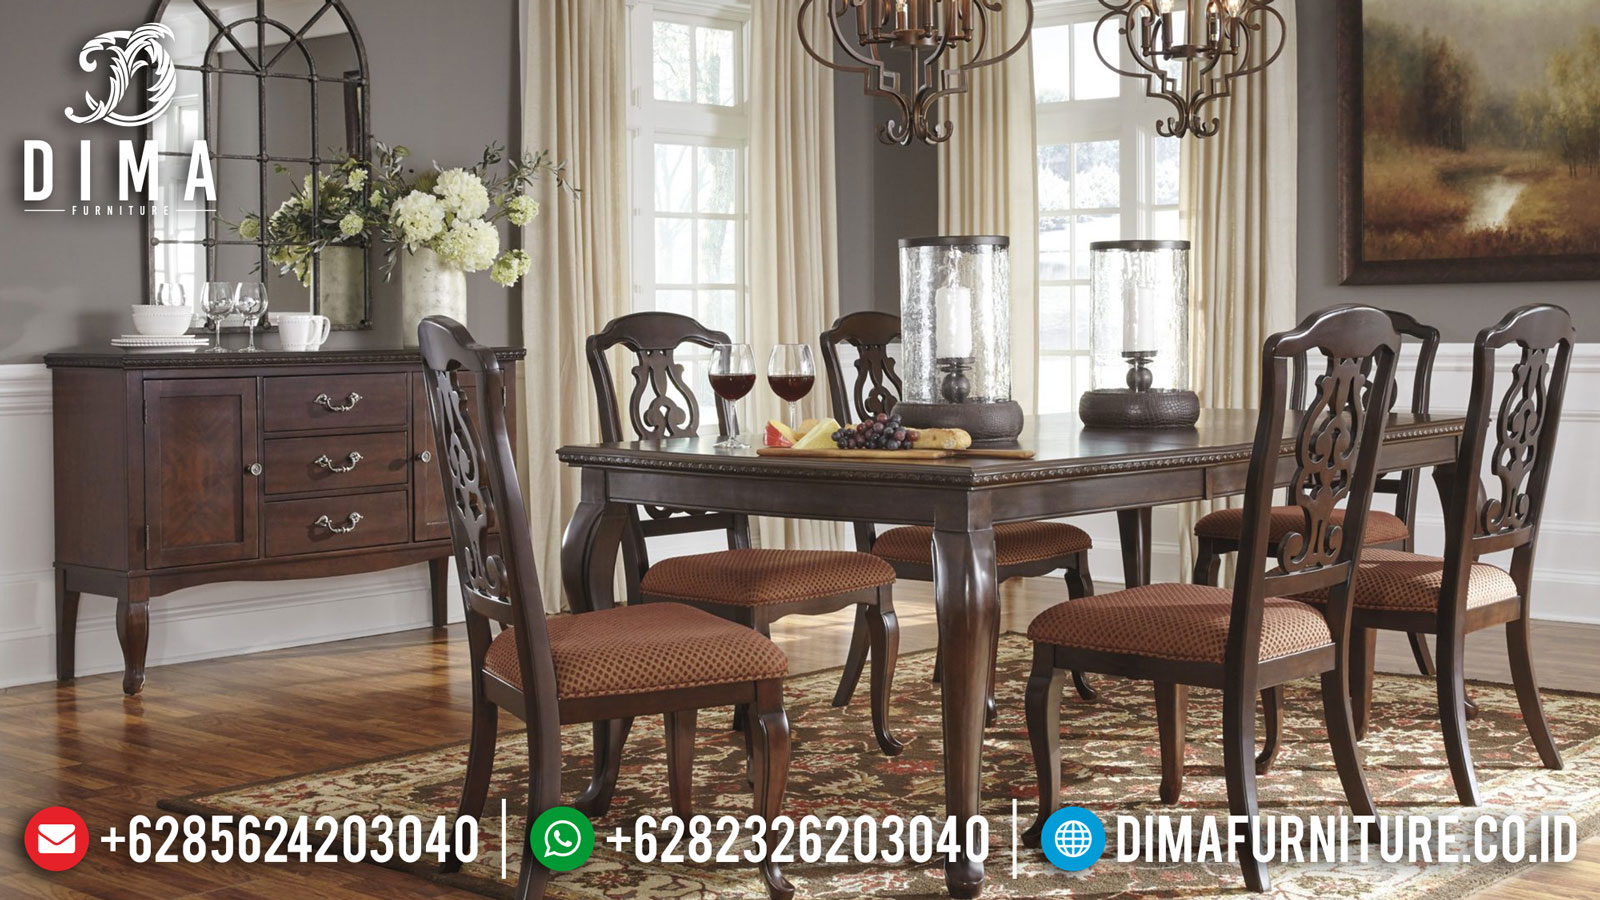 Epic Meja Makan Minimalis Jepara Klasik Elegant Style Furniture Jepara Terkini Mm-0853